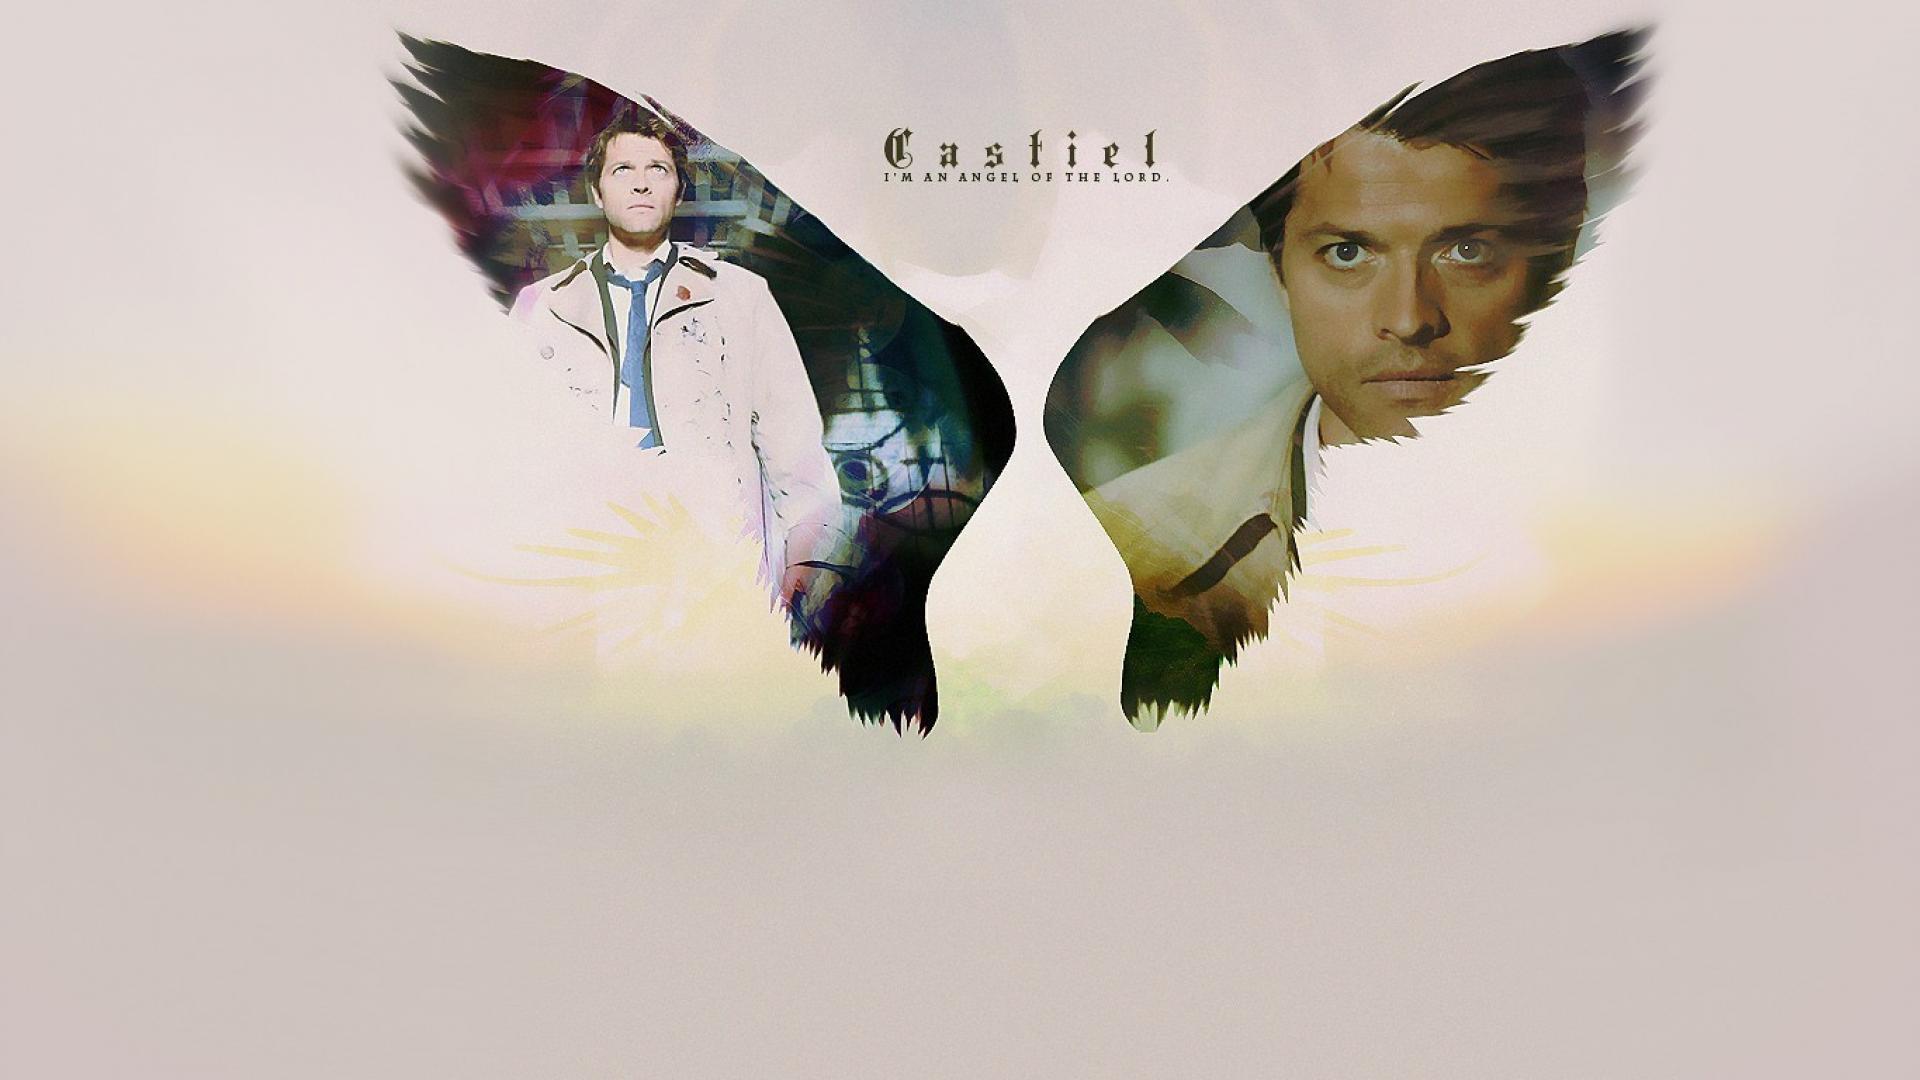 Angels supernatural castiel tv series wallpaper 69029 1920x1080